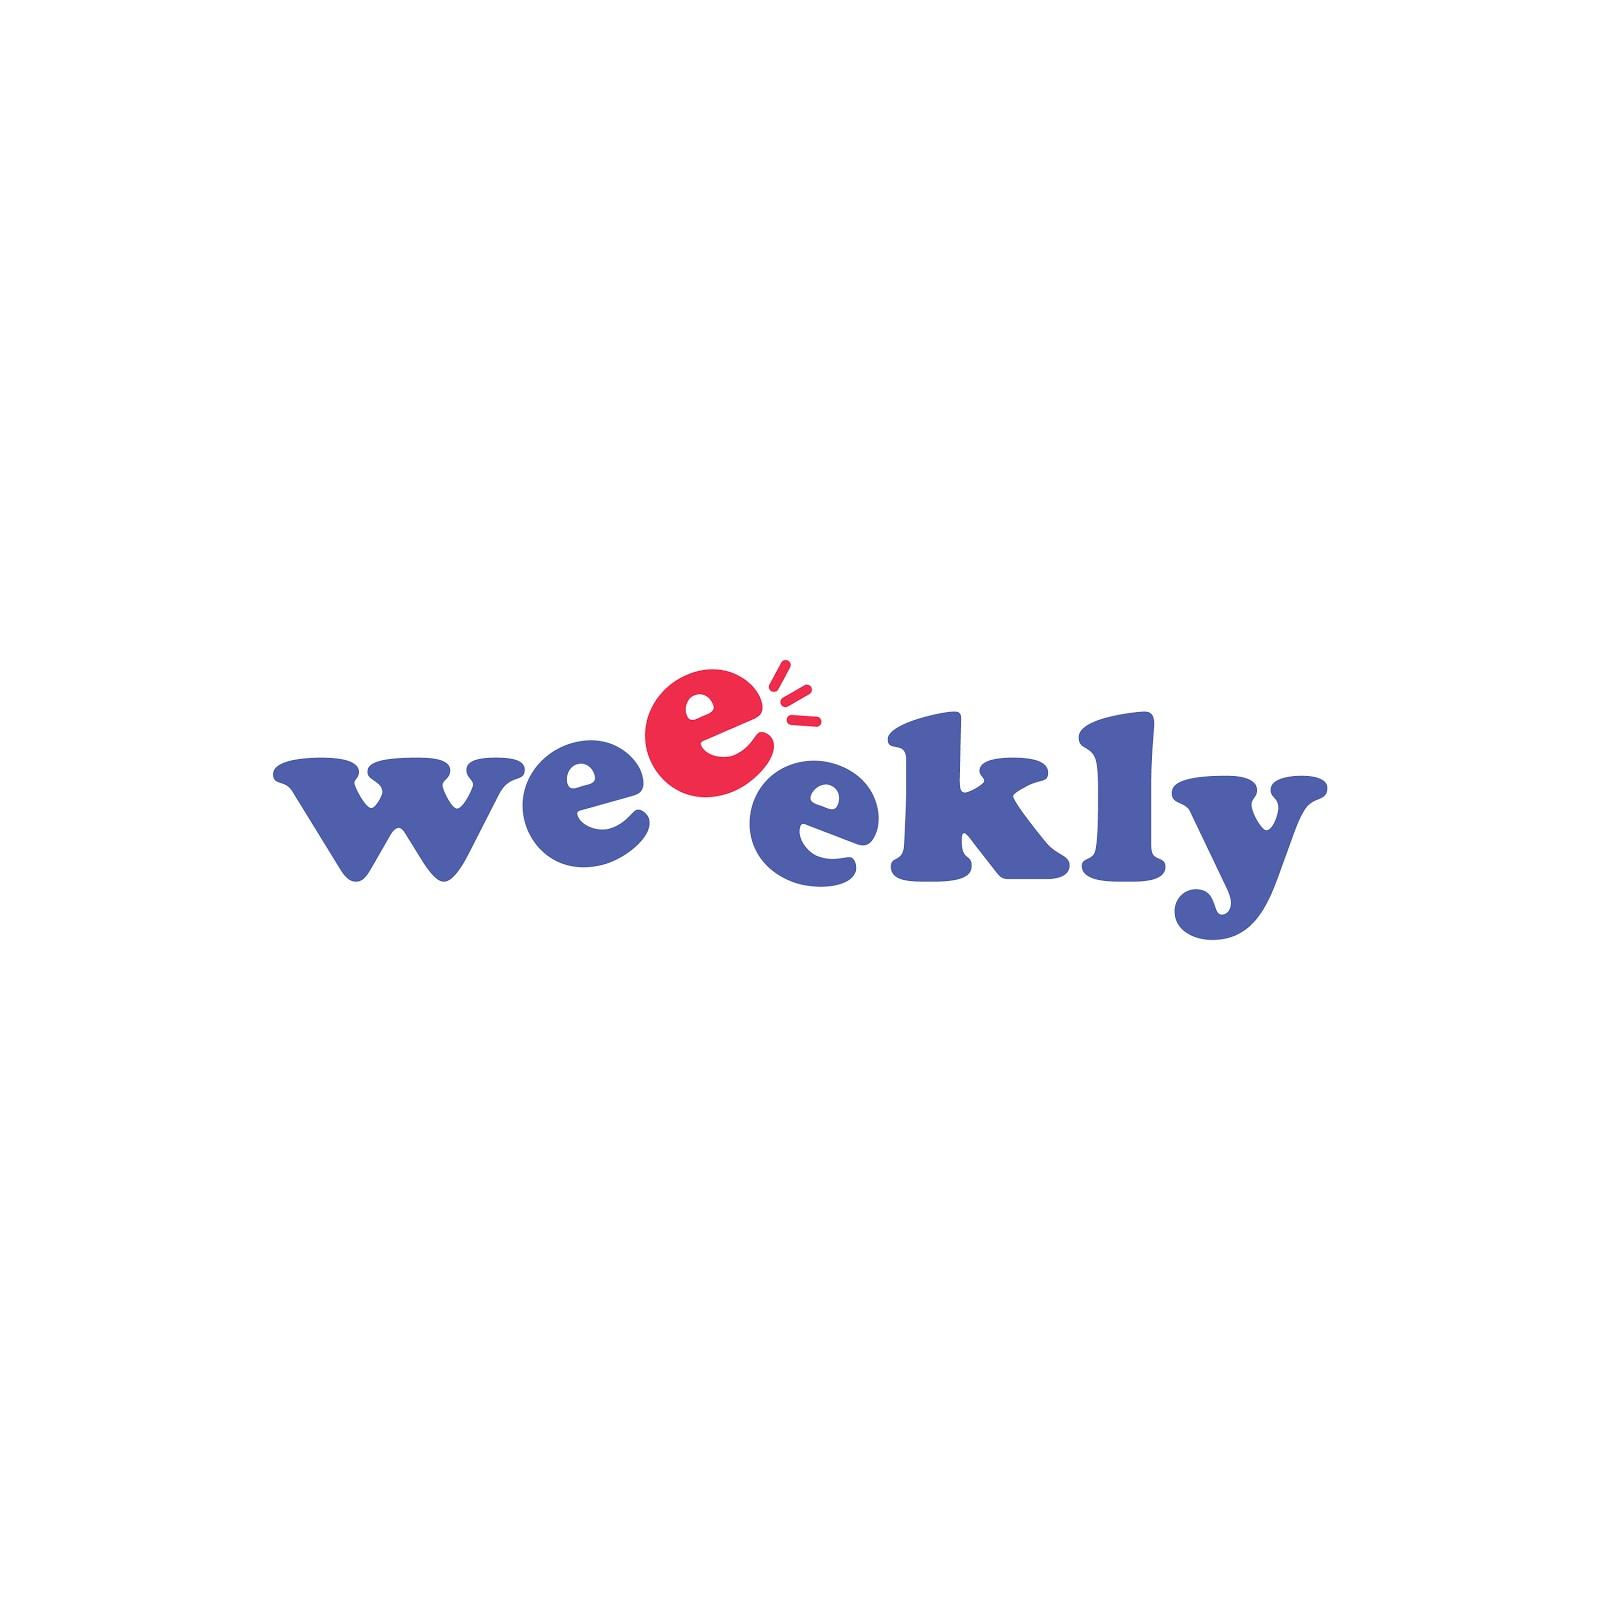 weeekly_1